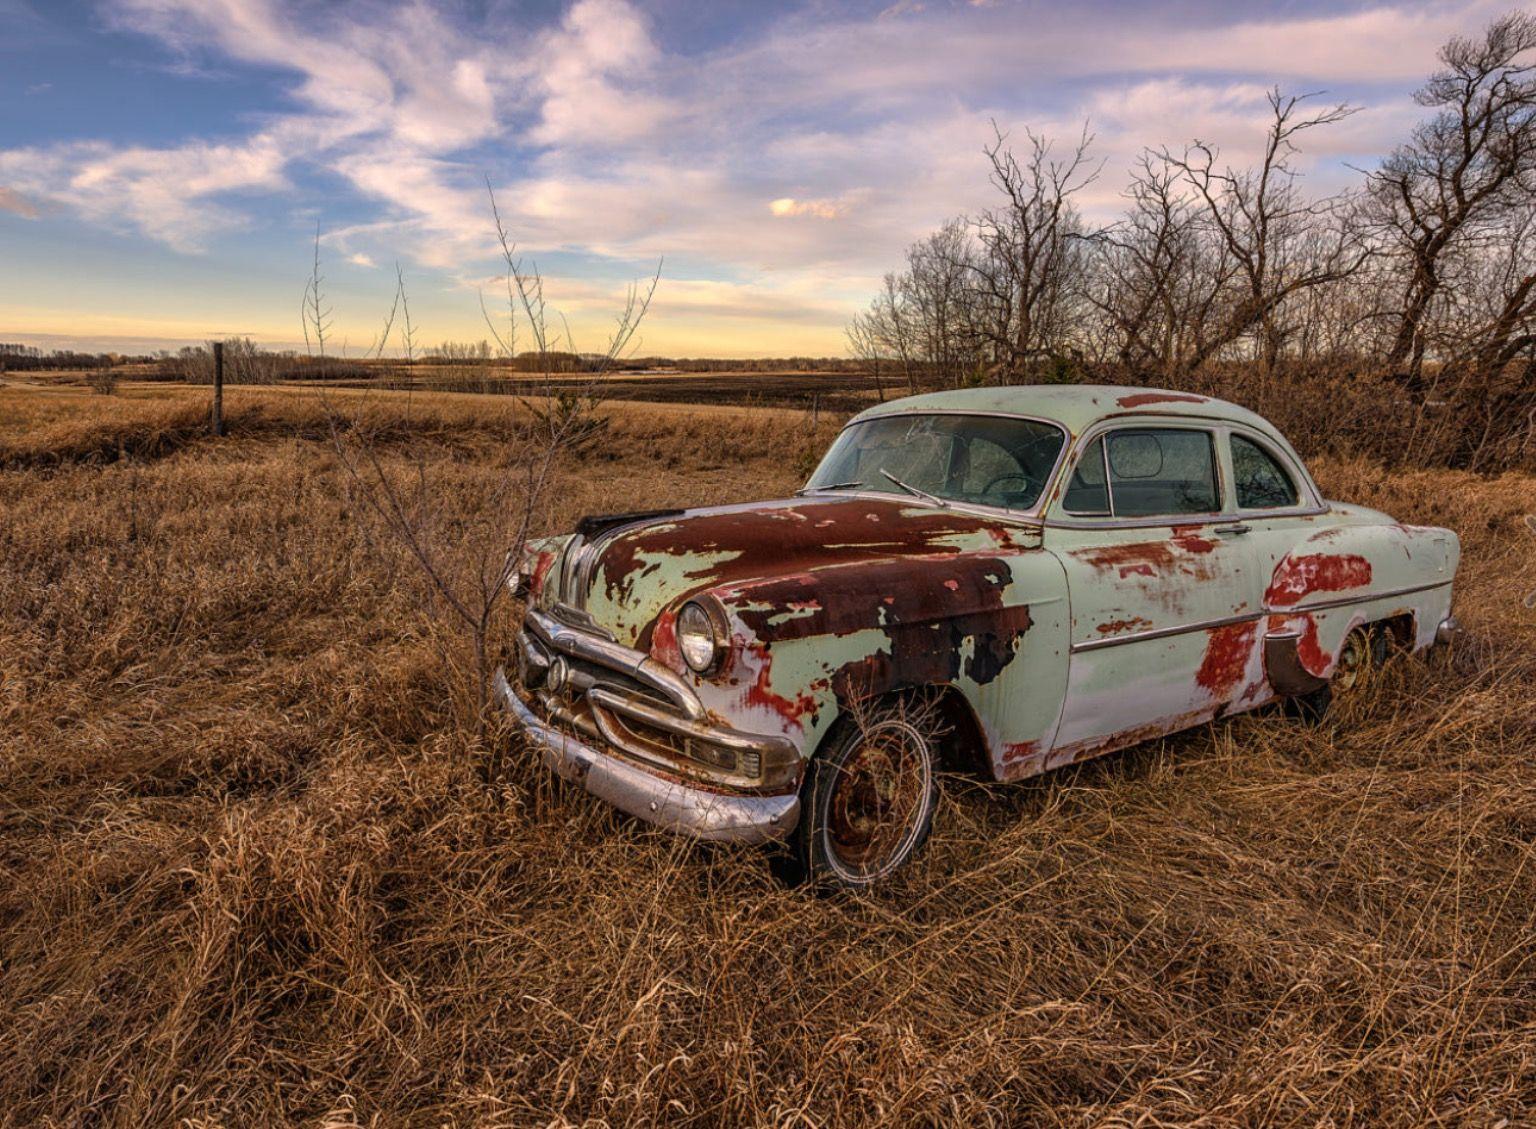 Sk Canada Photo By Jeff Wiz Source 500px